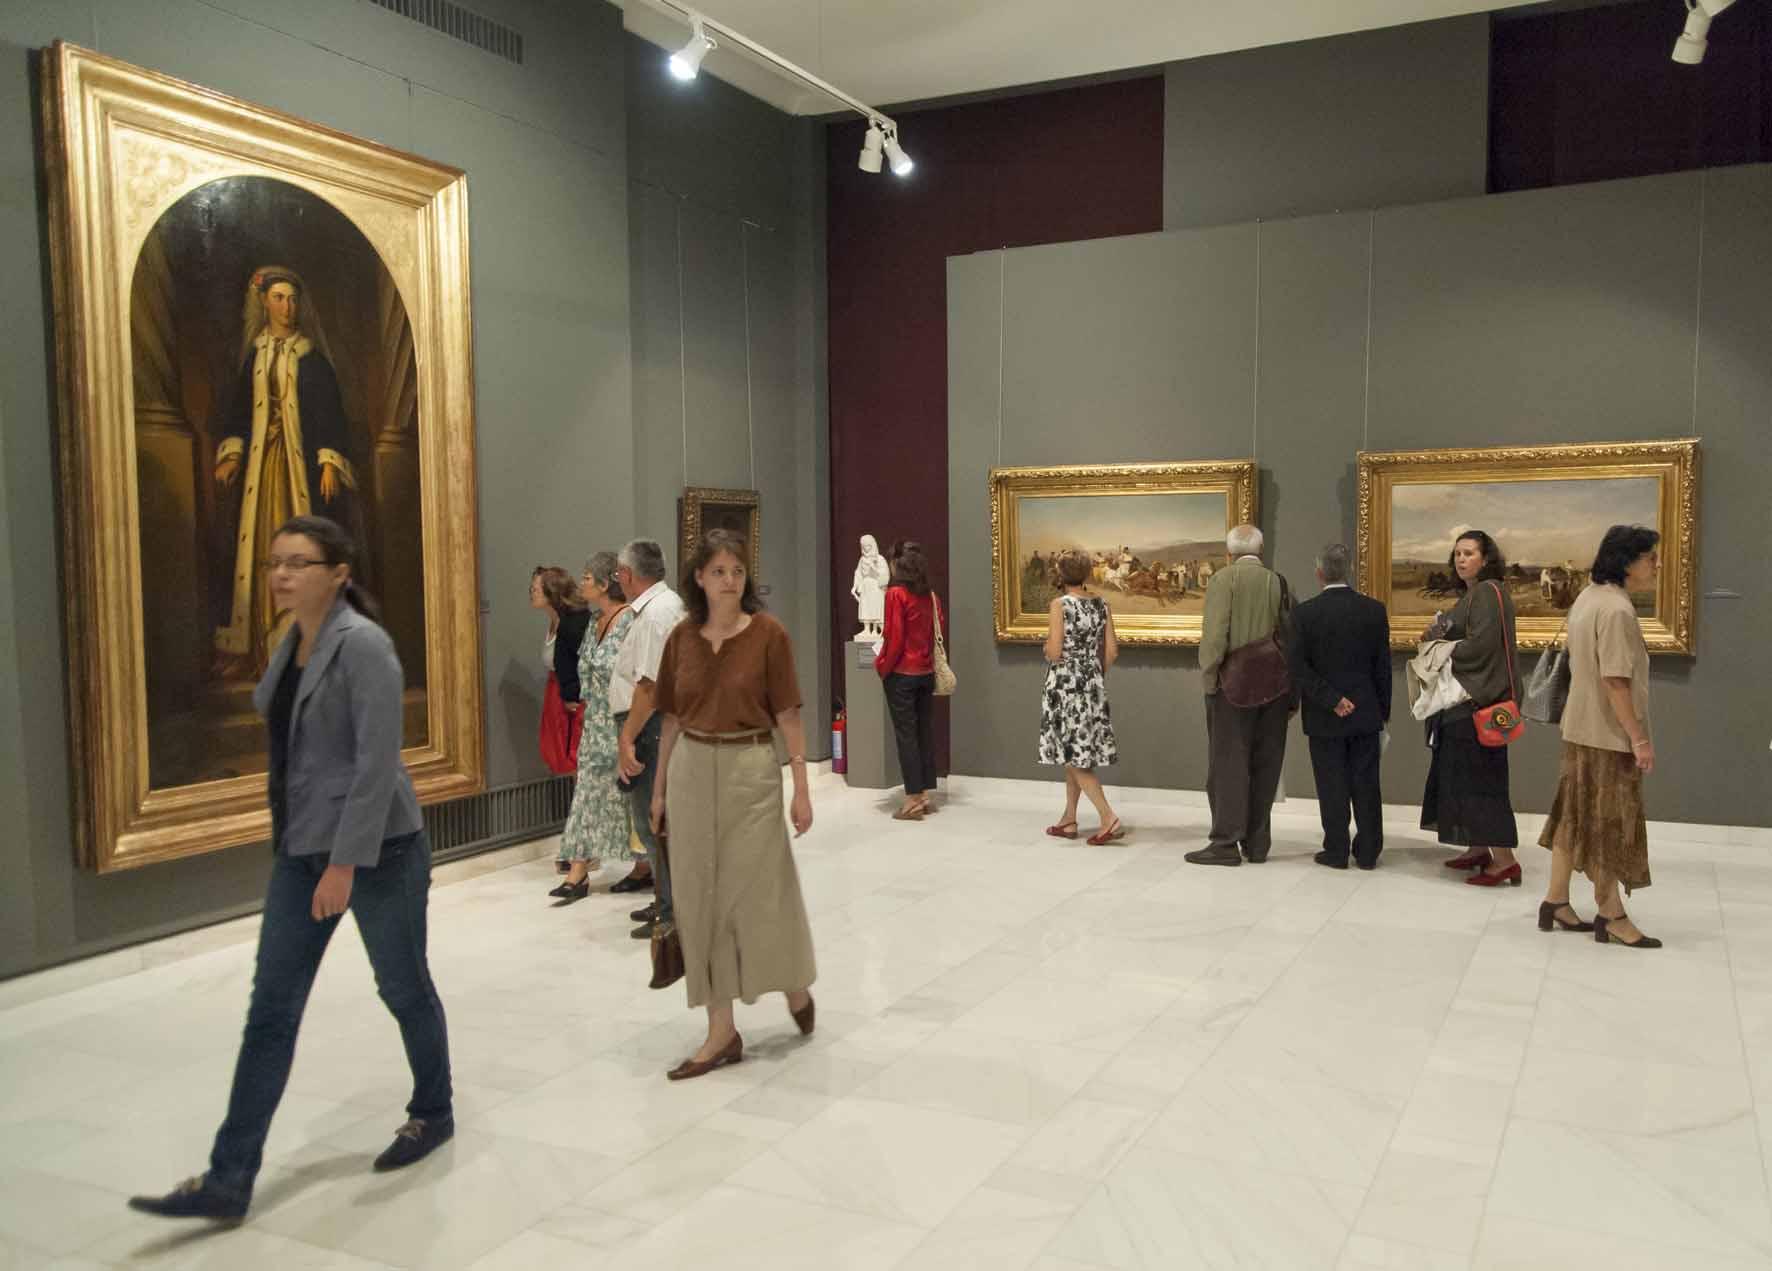 Sala 3 - Sala 1 - Expoziţia Mitul naţional. Contribuţia artelor la definirea identităţii româneşti (1830 – 1930)